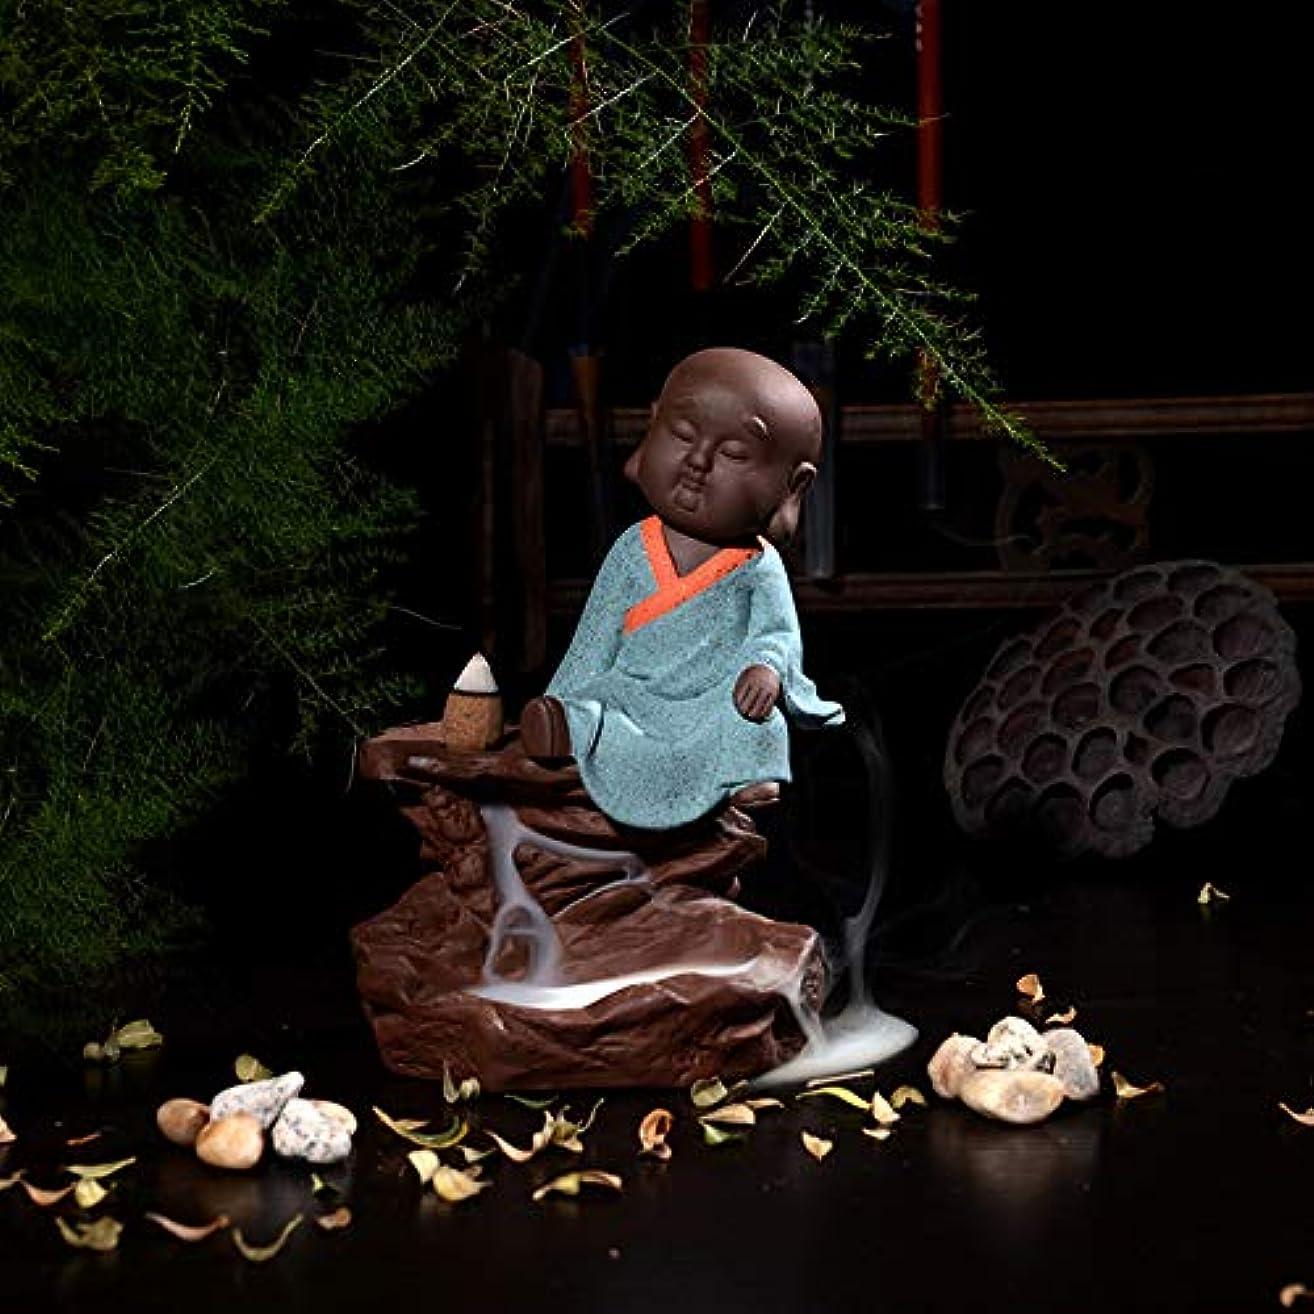 くつろぎ谷枝お香バーナー仏僧僧陶器家の装飾茶道お香バーナー逆流香バーナー像仏16 * 8センチ